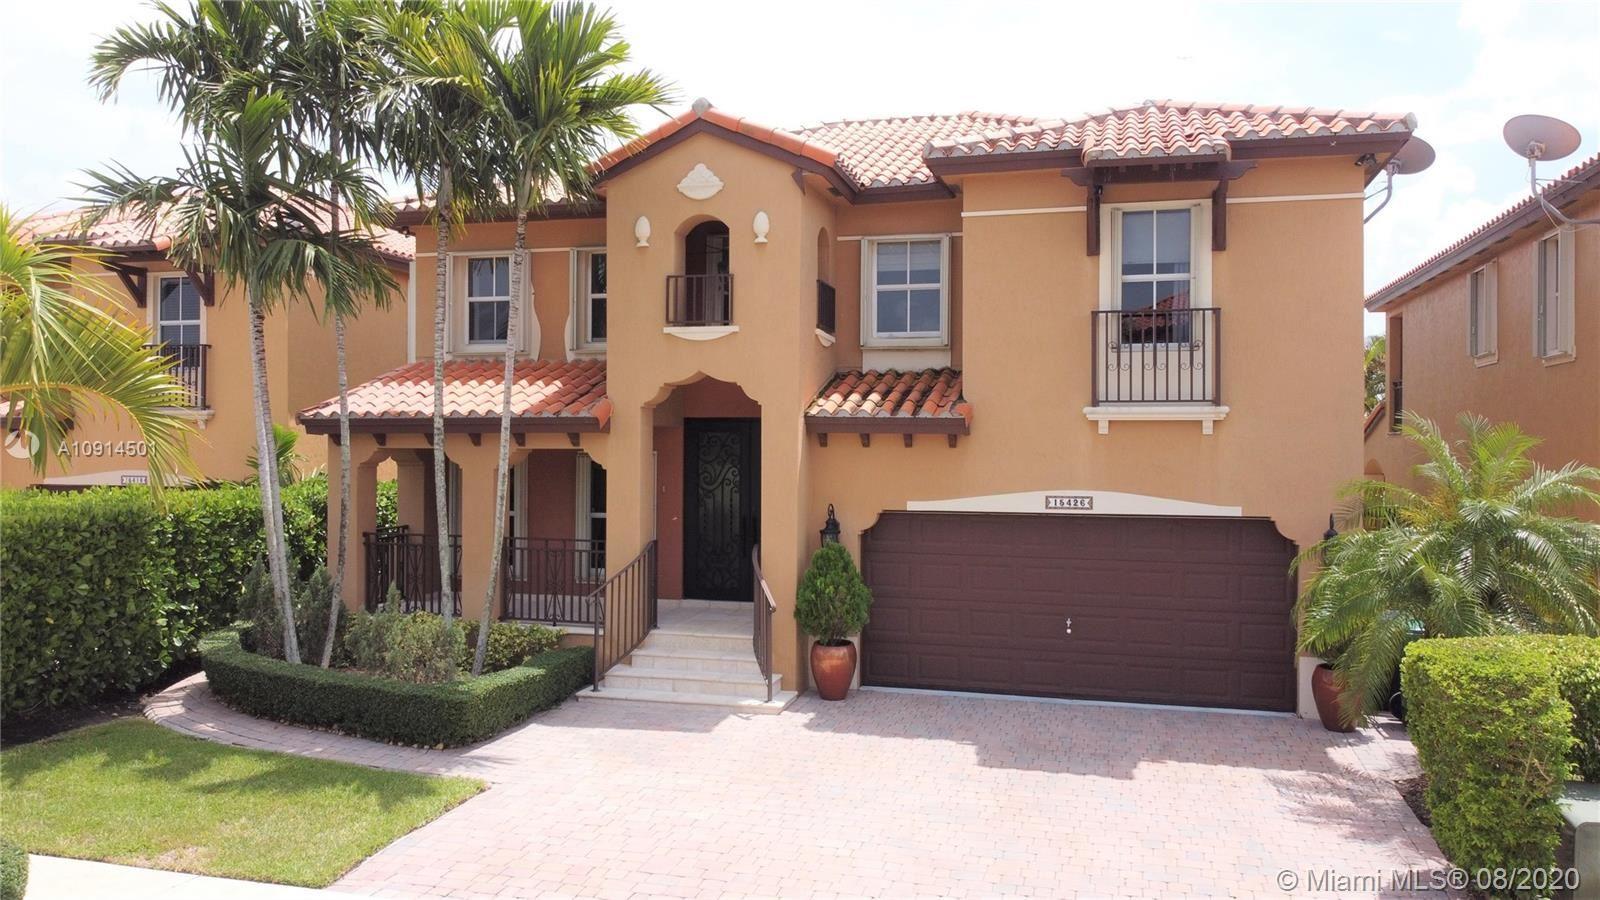 15426 SW 31 Ln, Miami, FL 33185 - #: A10914501